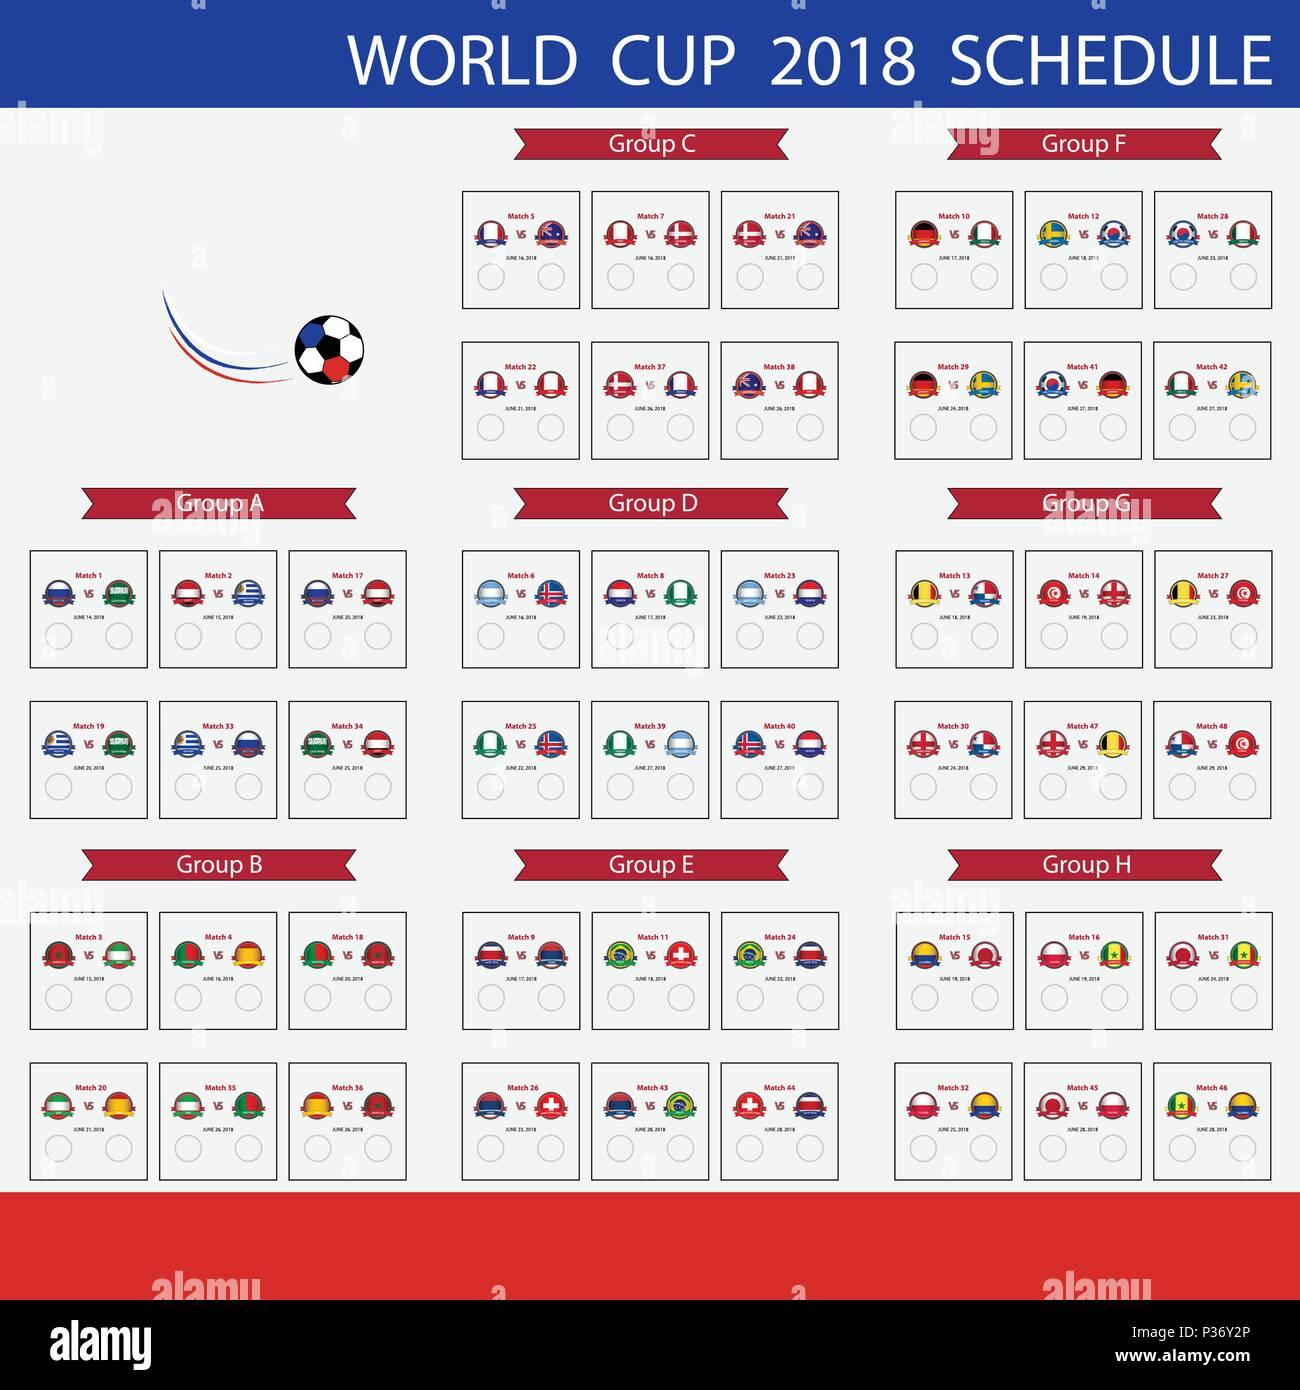 Calendrier Du Mondial.Coupe Du Monde De Football 2018 Calendrier Tournoi De